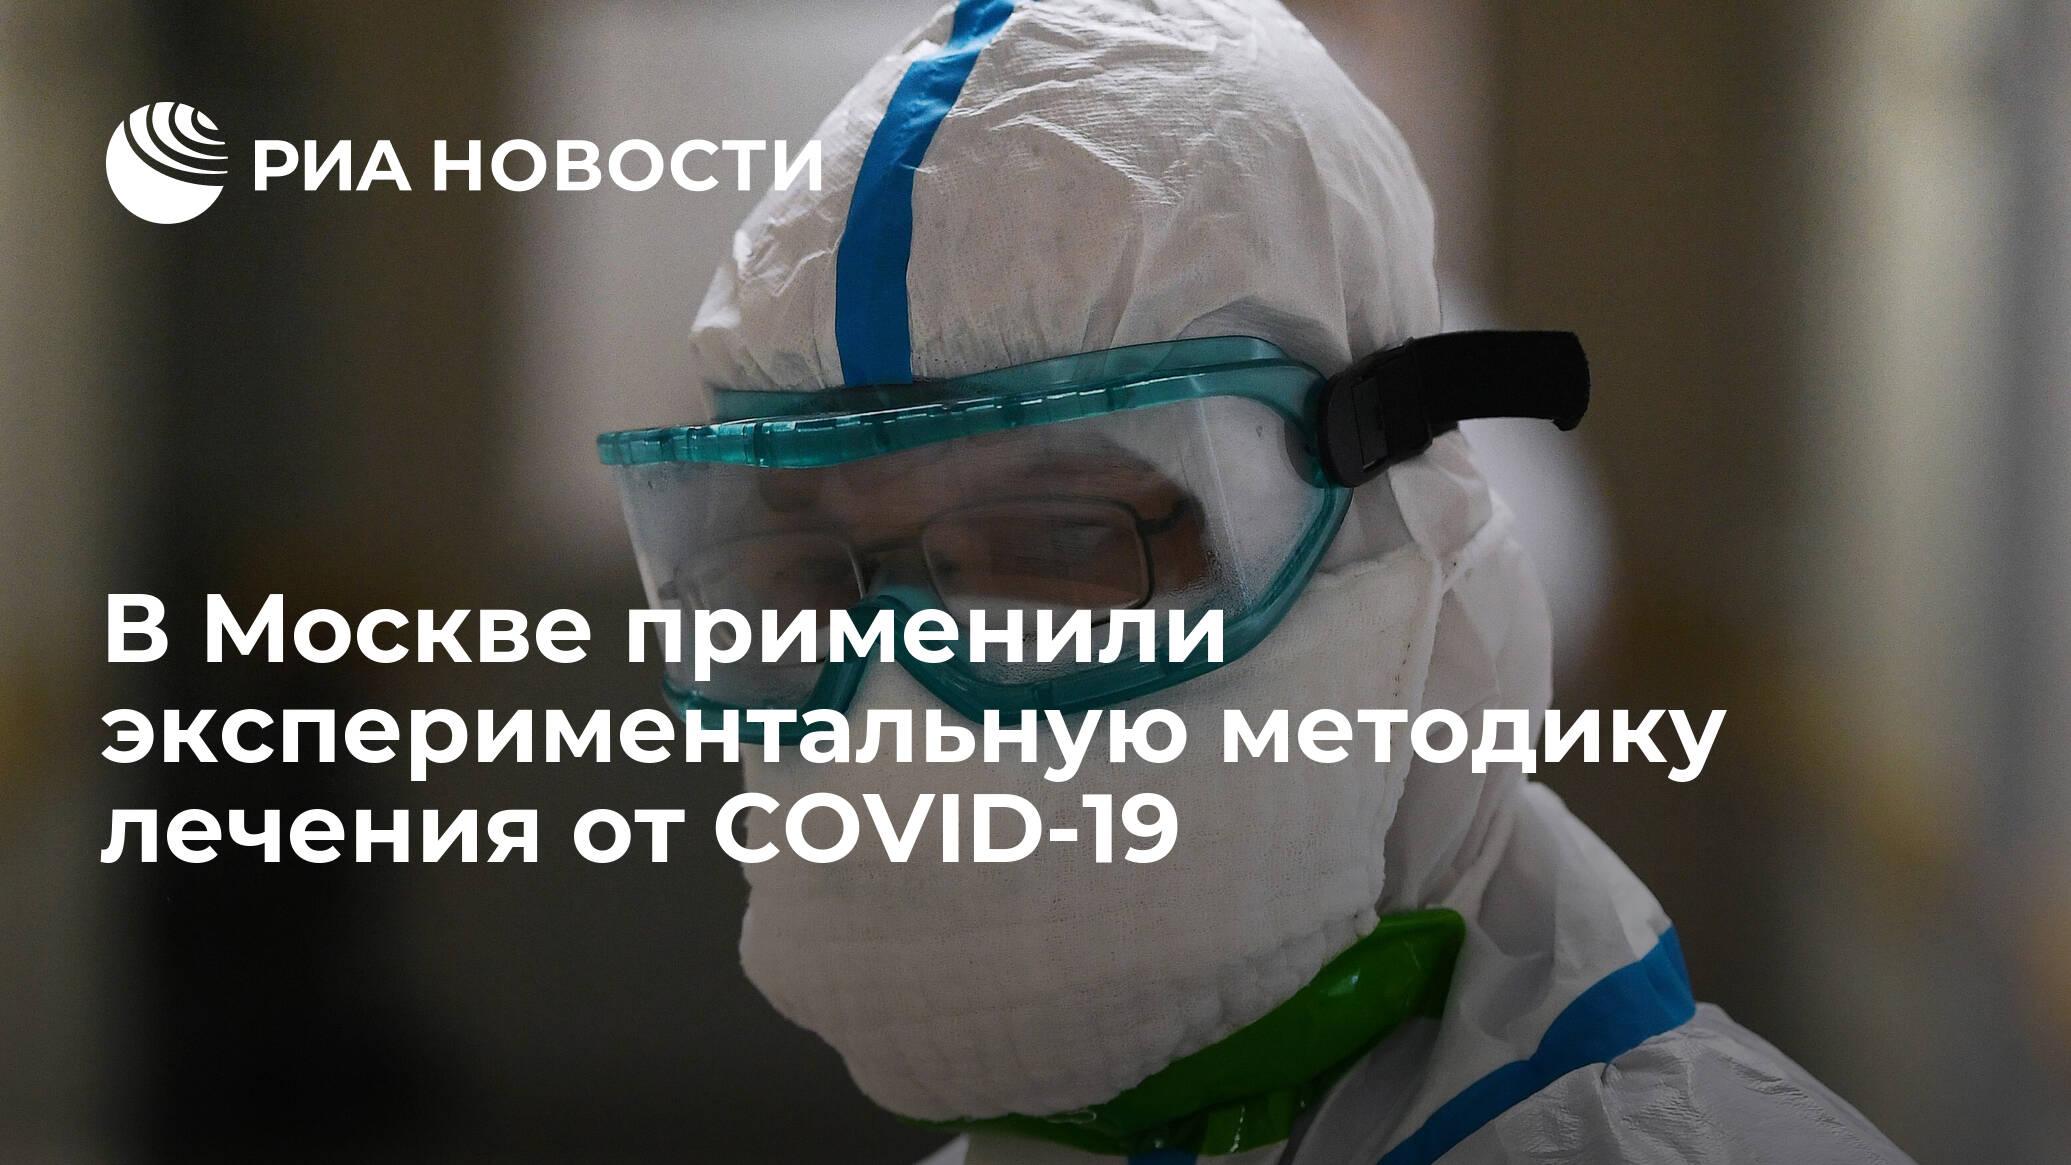 В Москве применили экспериментальную методику лечения от COVID-19